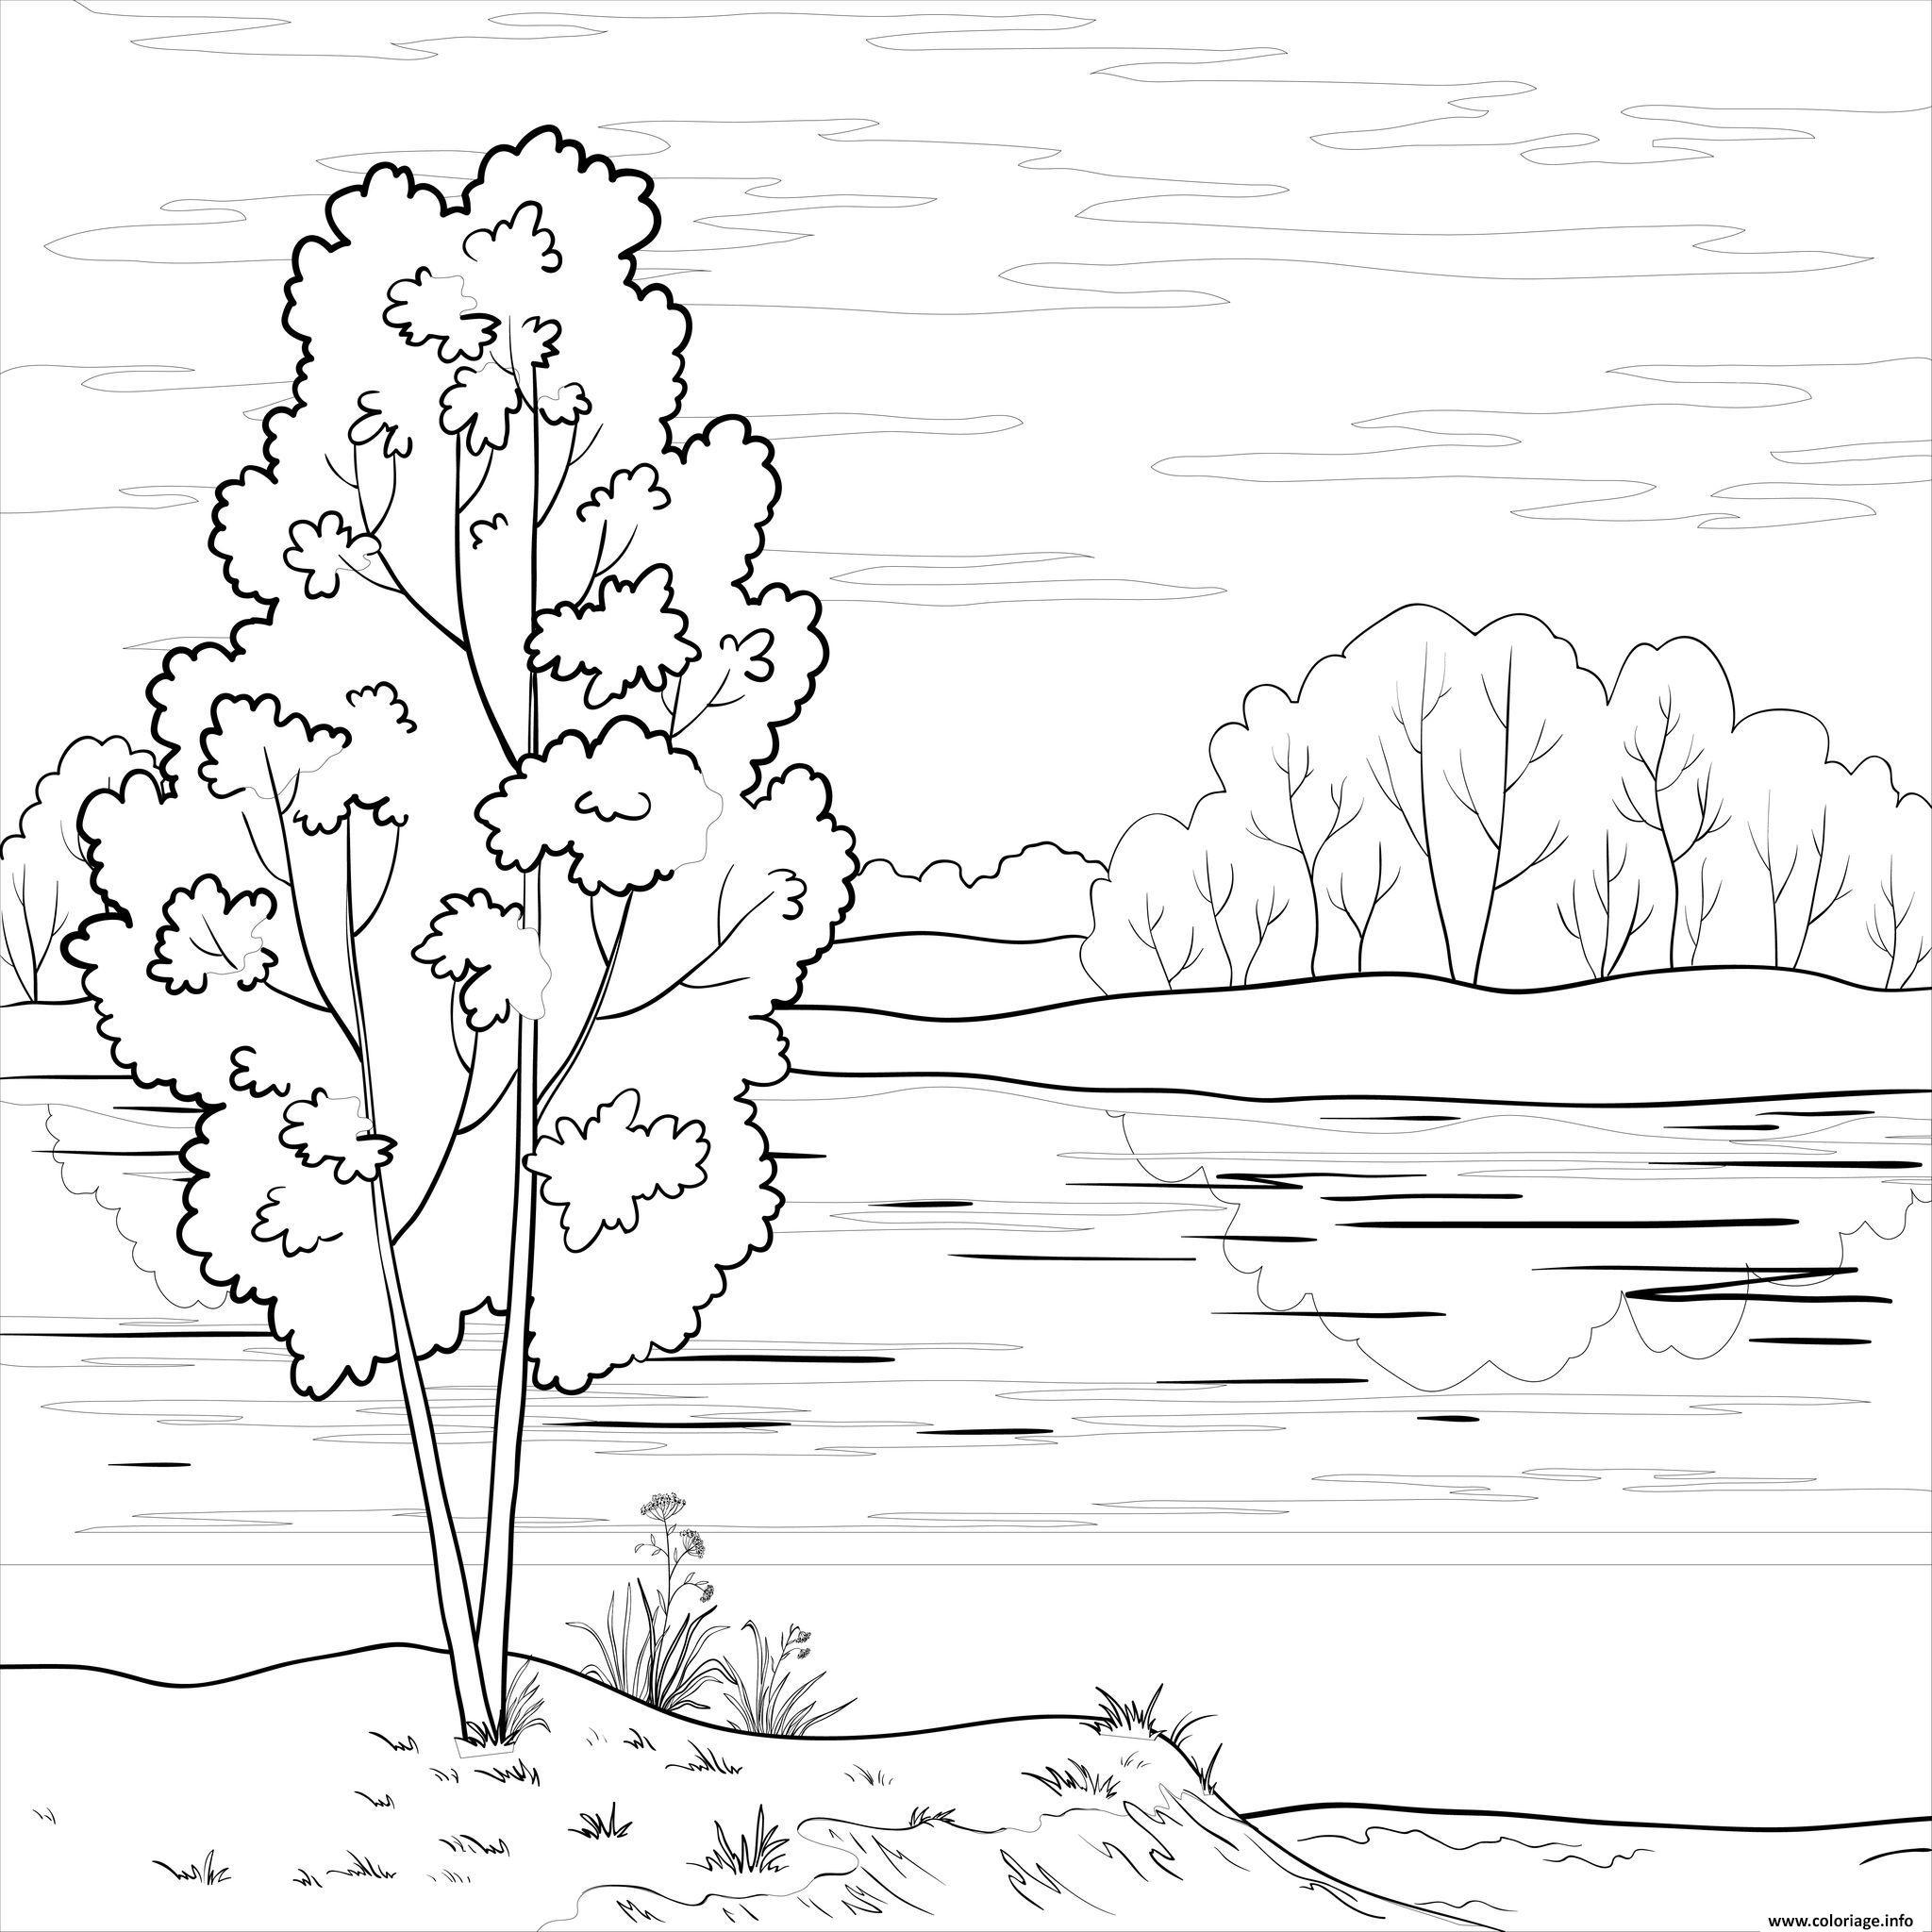 Dessin paysage naturel Coloriage Gratuit à Imprimer